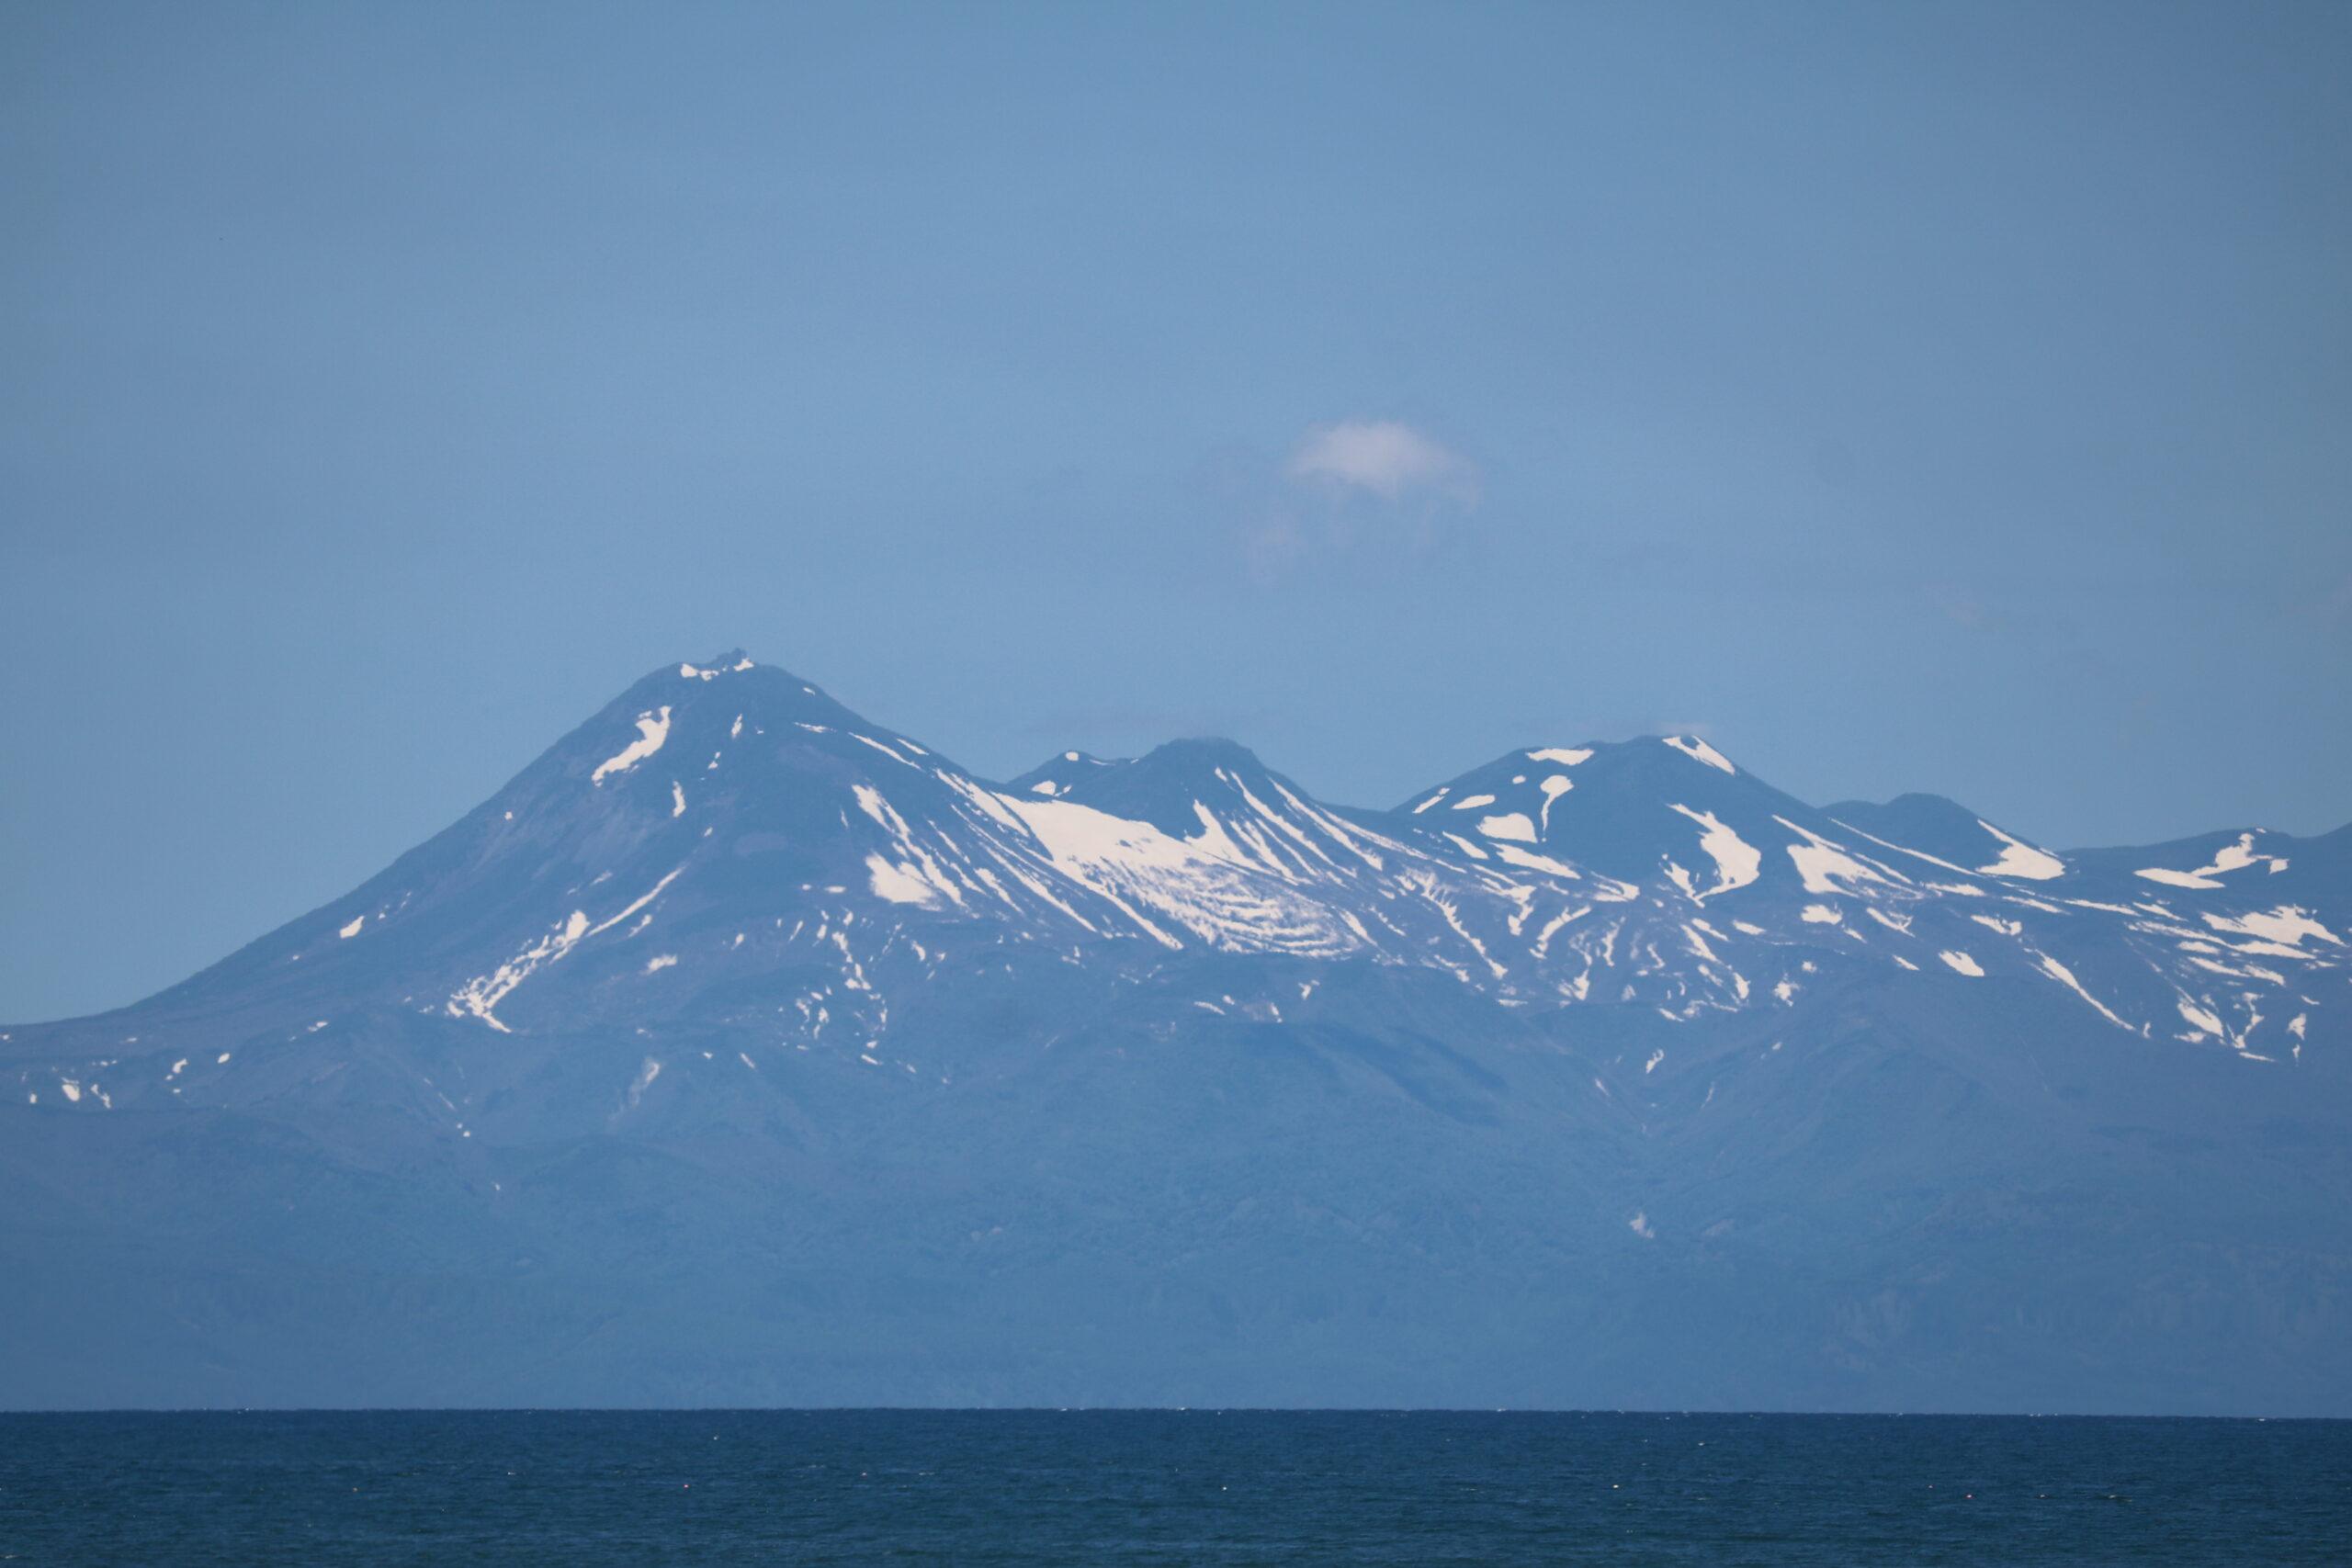 Berge der Shiretoko-Halbinsel: - selbst im Juni liegt noch sichtbar viel Schnee